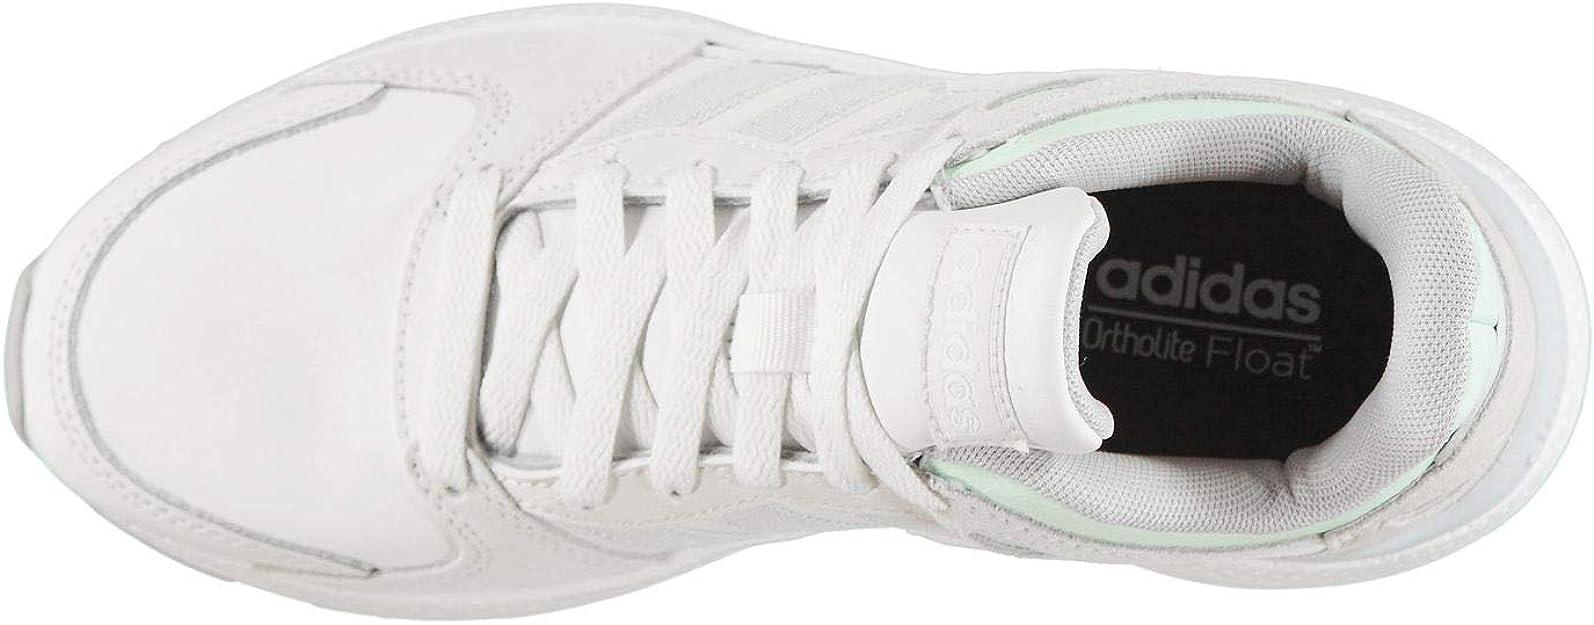 Adidas Crazychaos Zapatillas de correr acolchadas con cordones para mujer